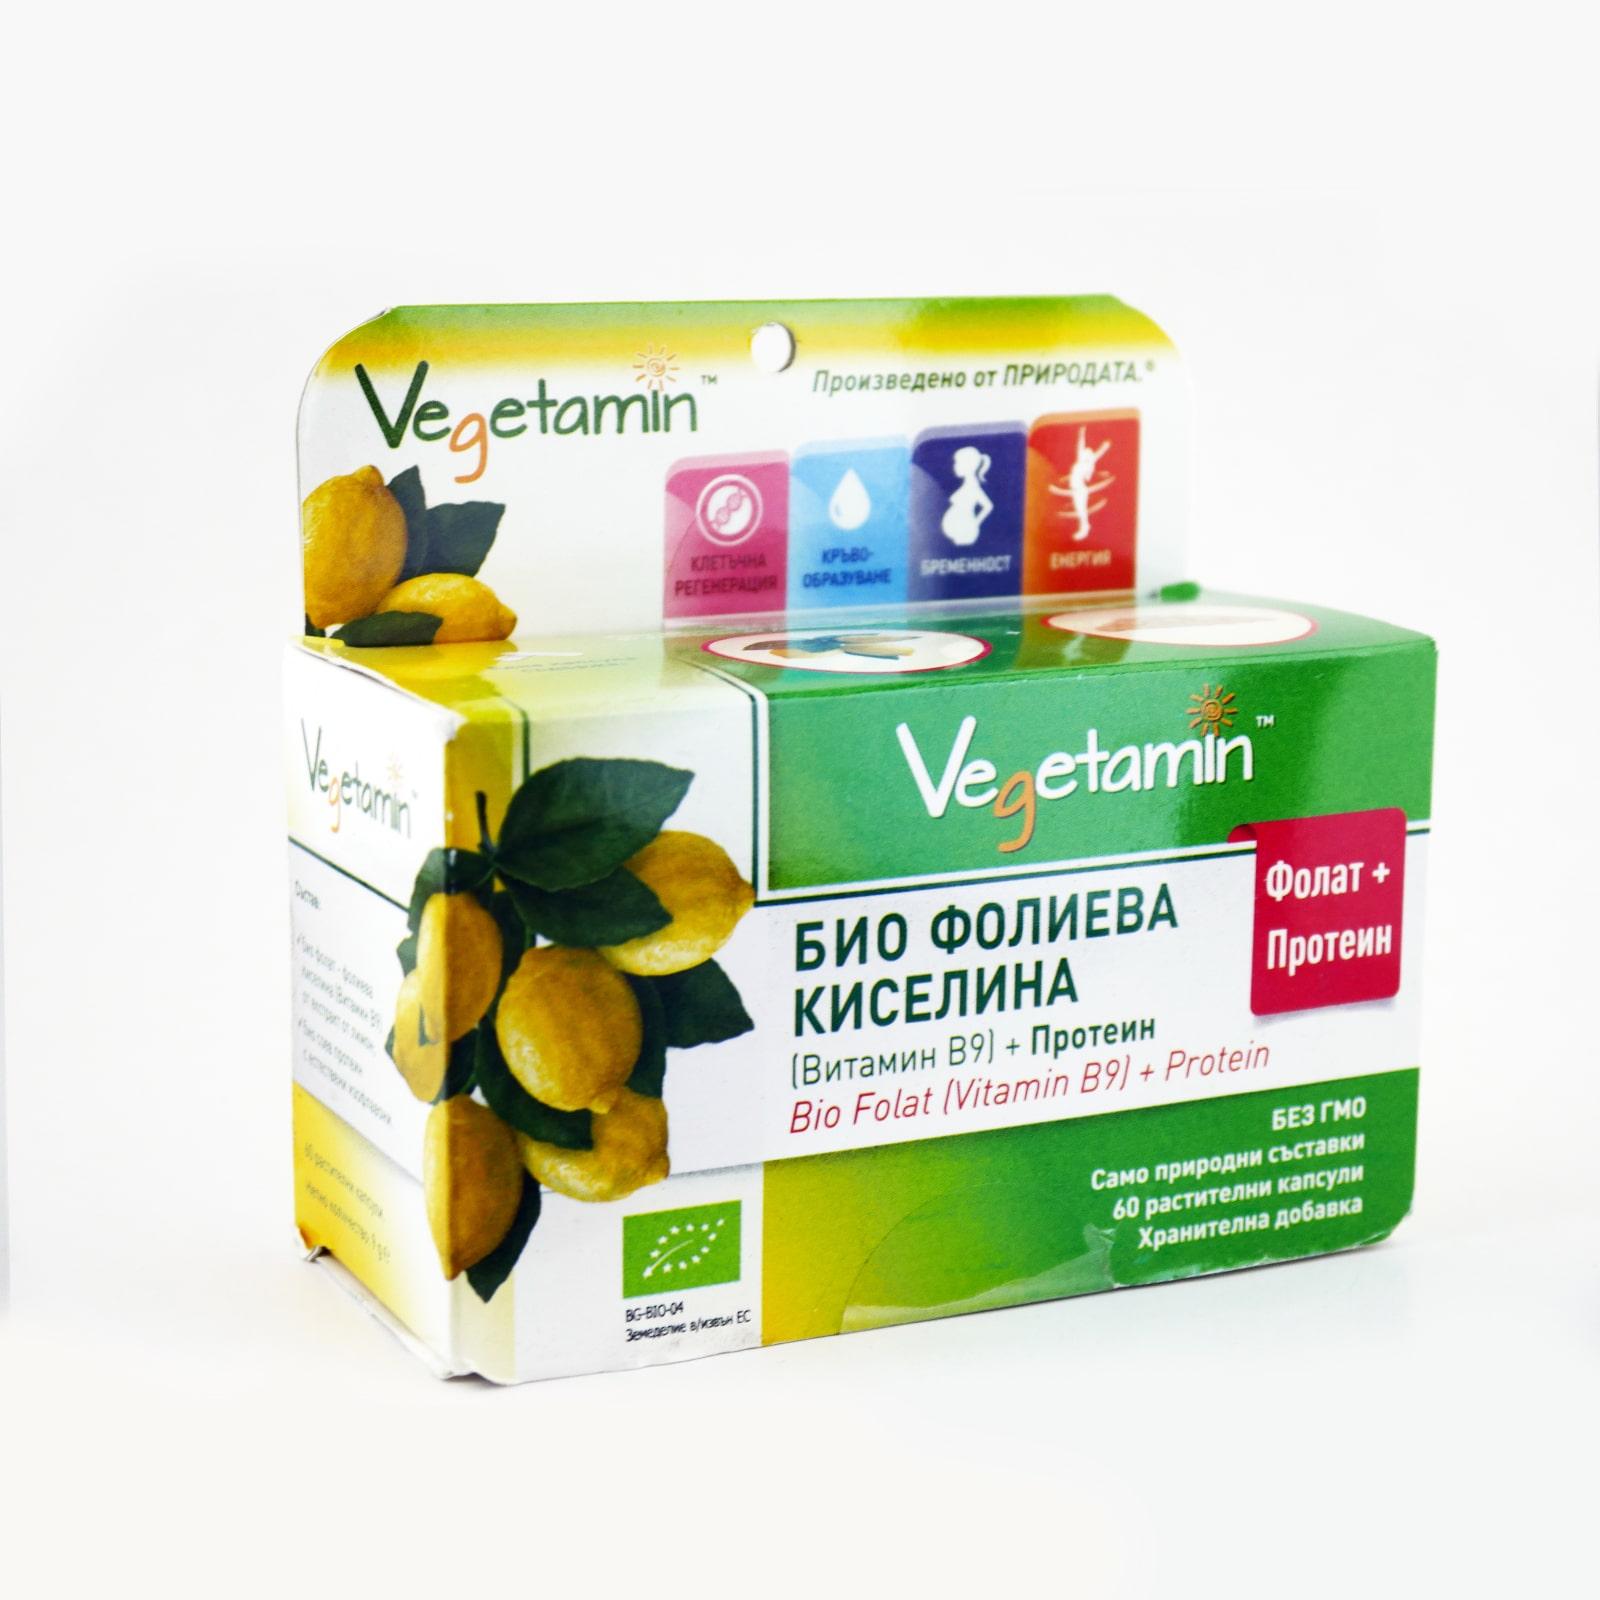 Био фолиева киселина за подсилване на организма по време на бременост (Витамин B9) + Протеин